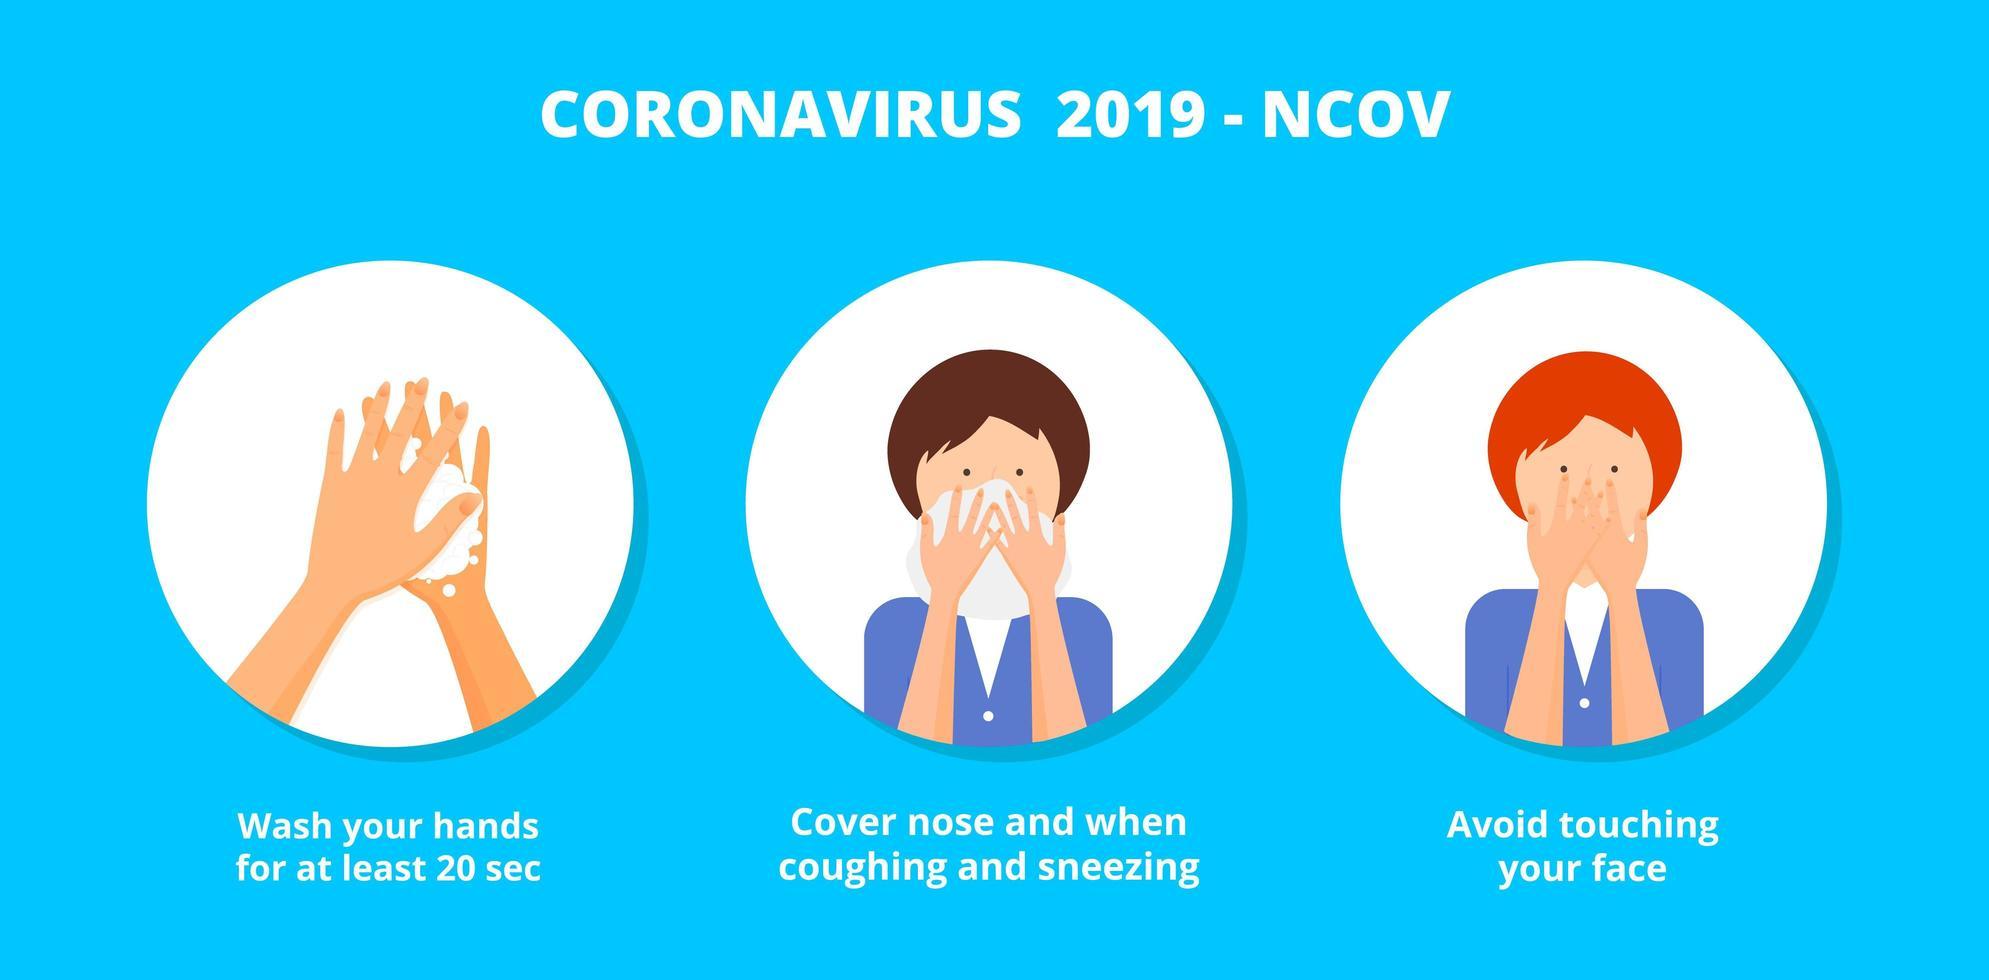 coronavirus covid-19 preventiemethoden infographic. vector